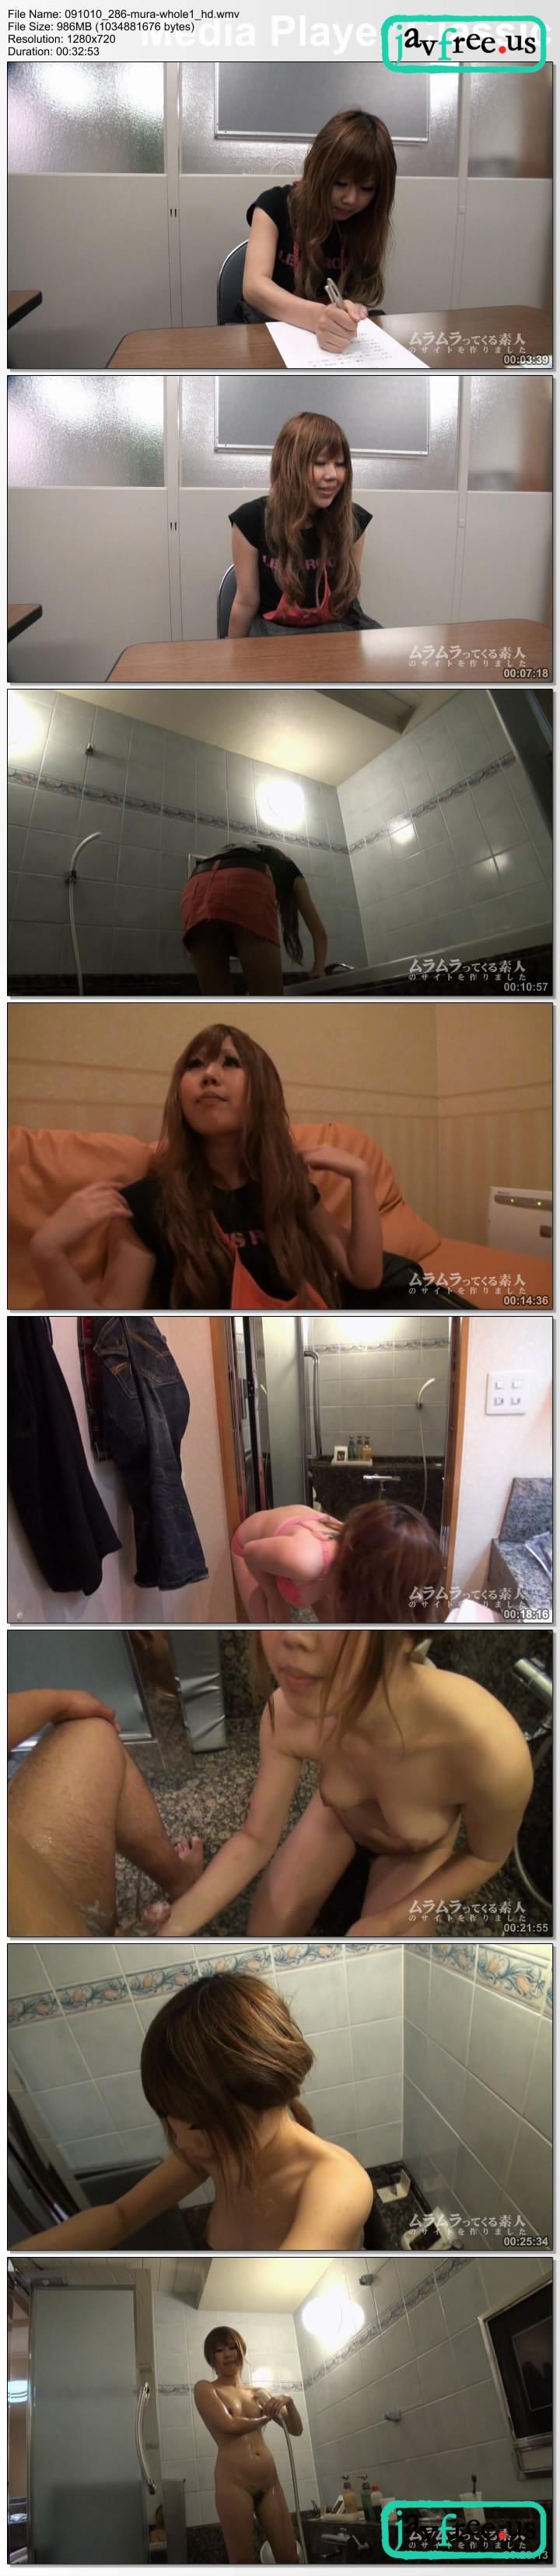 muramura.tv 091010 286 ホテヘル嬢の面接現場を覗き見!あまりにも可愛い娘なので内緒で本番をしてしまう面接官 Muramura